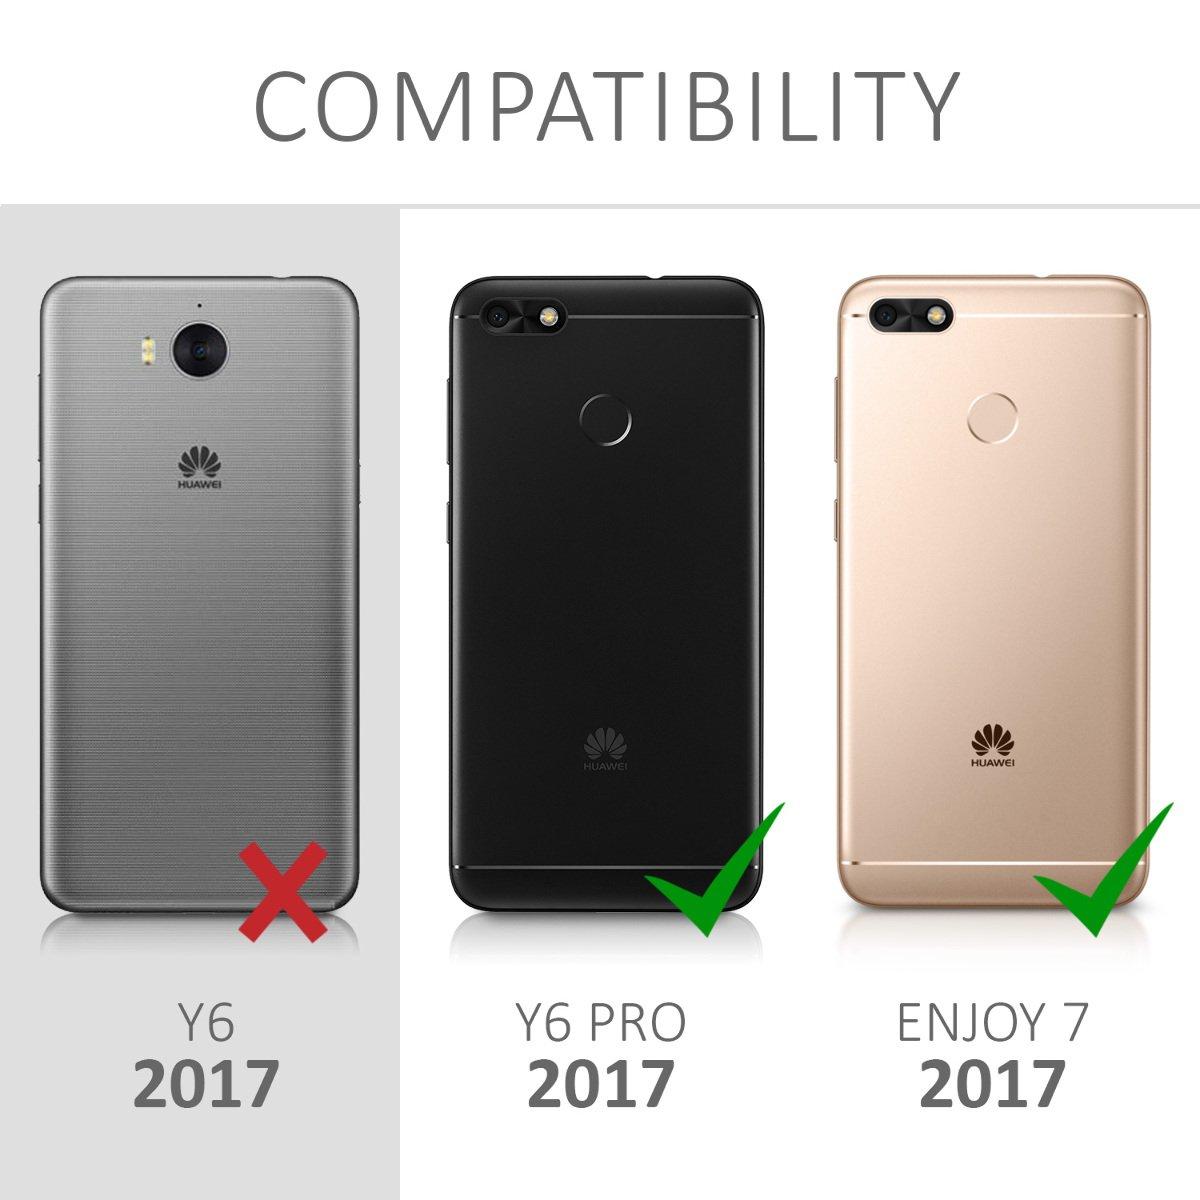 2017 Housse de Protection en Plastique Rigide Blanc-Rouge fonc/é m/étallique // Enjoy 7 Coque pour Huawei Y6 Pro // Enjoy 7 2017 kwmobile Coque Huawei Y6 Pro